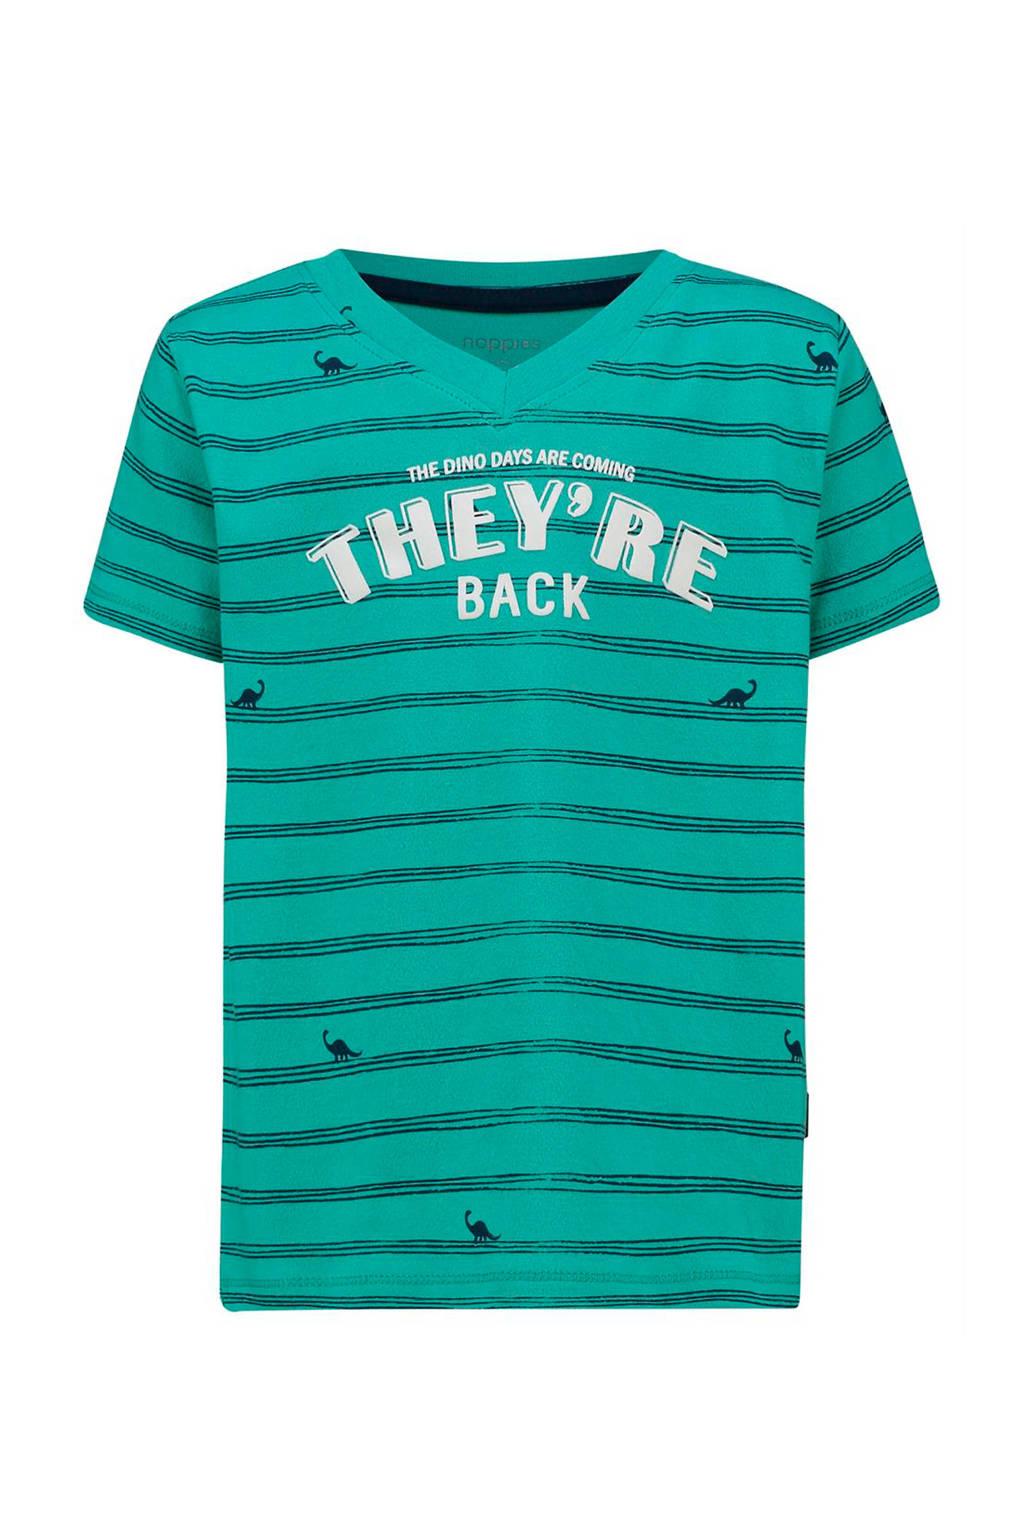 Noppies gestreept T-shirt Joplin van biologisch katoen groen/donkerblauw/wit, Groen/donkerblauw/wit